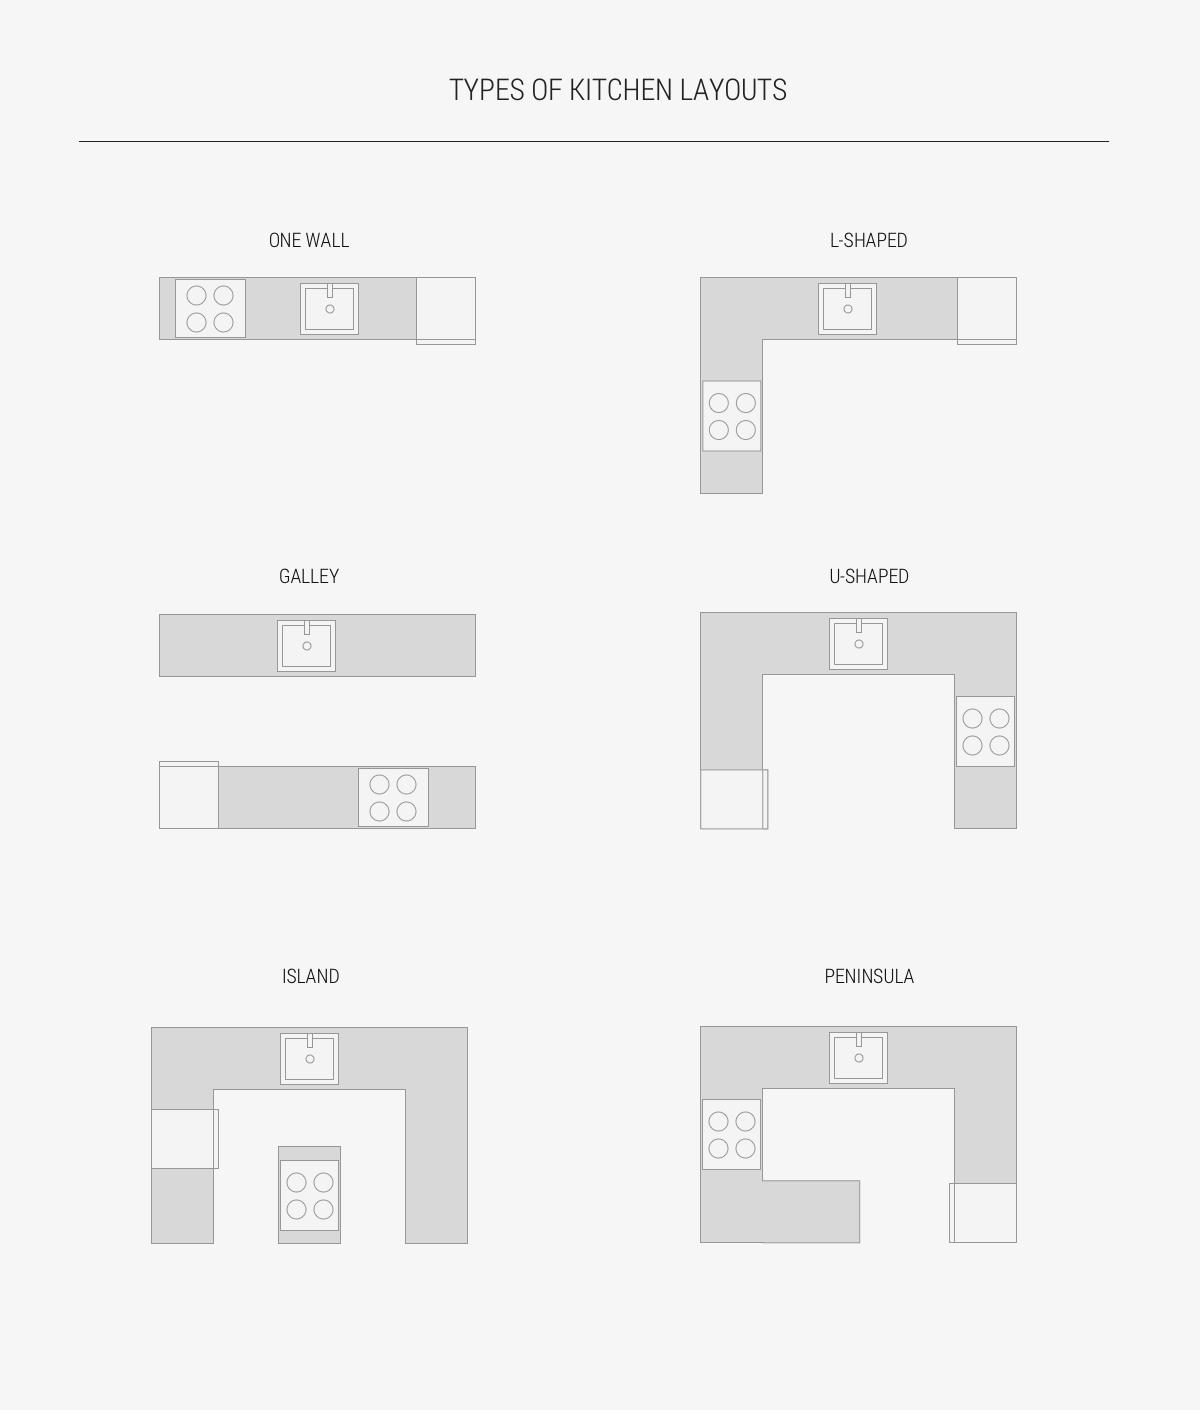 kitchen-layout-types-one-wall-galley-l-shaped-u-shaped-island-peninsula-1